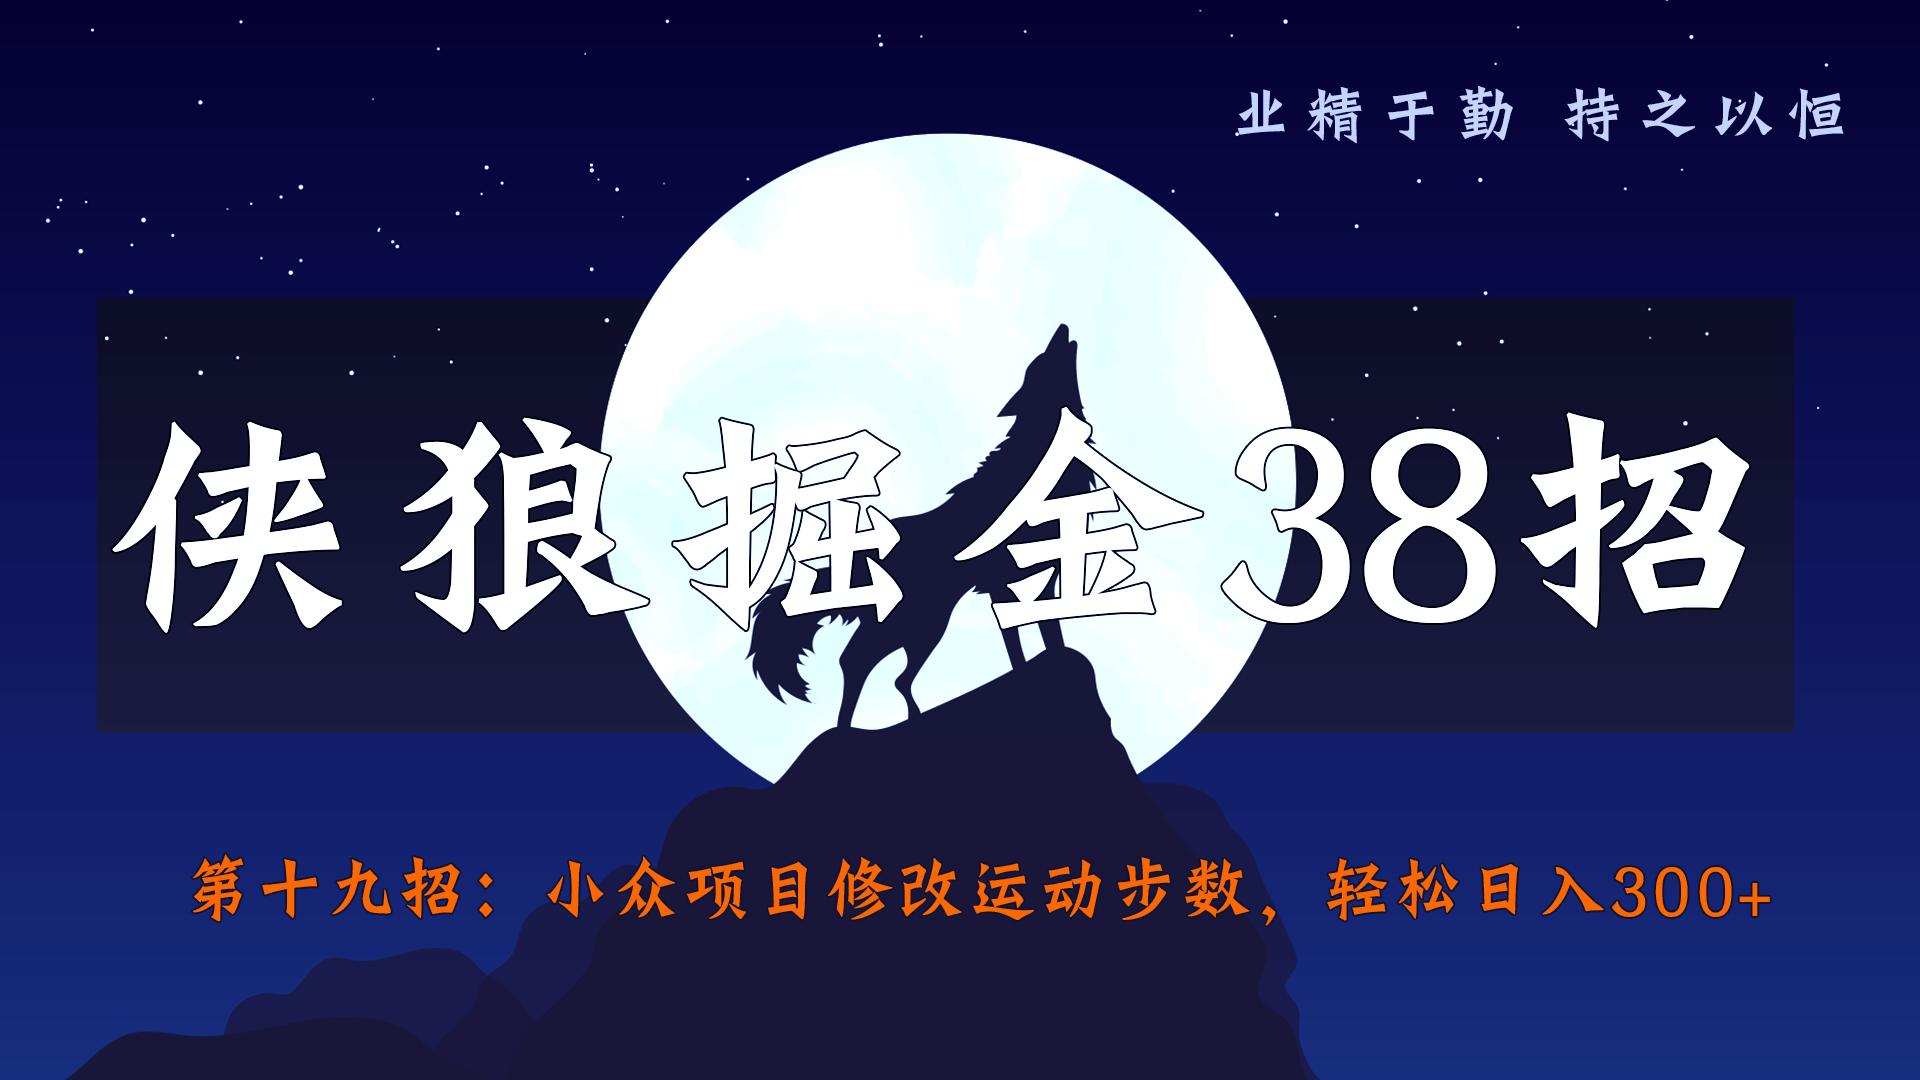 侠狼掘金38招第19招小众项目修改运动步数,轻松日入300+